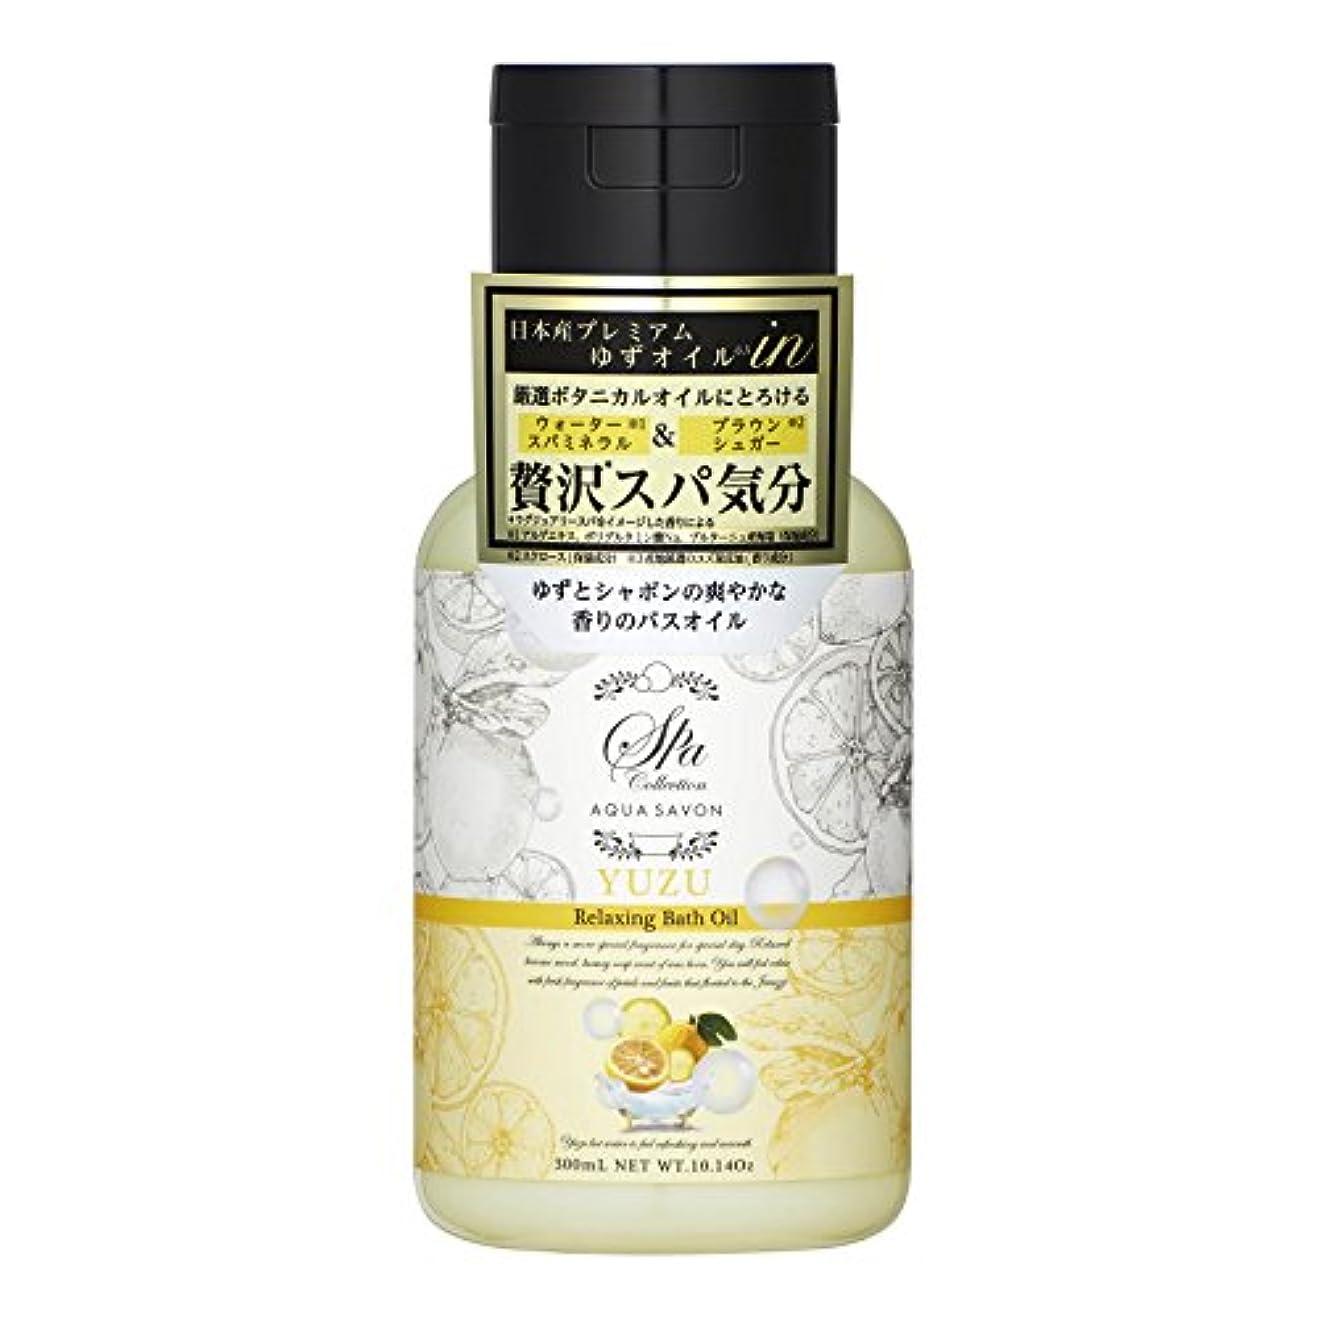 アクアシャボン スパコレクション リラクシングバスオイル ゆずスパの香り 300mL